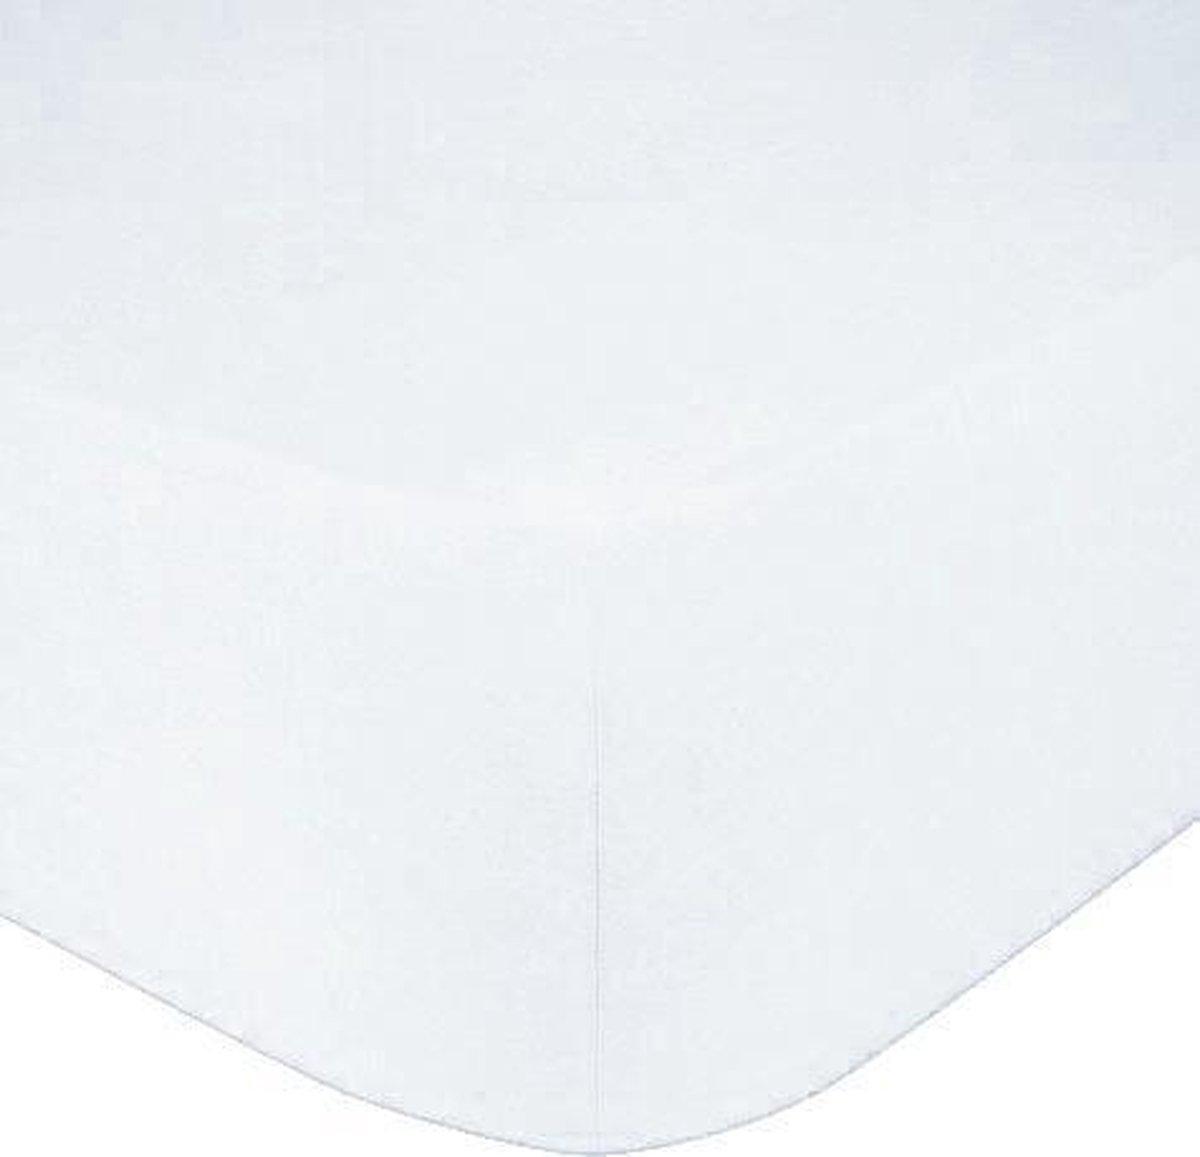 Het Ultieme Zachte Hoeslaken- Jersey -Stretch -100% Katoen-2Persoons-140x200x30cm-Wit